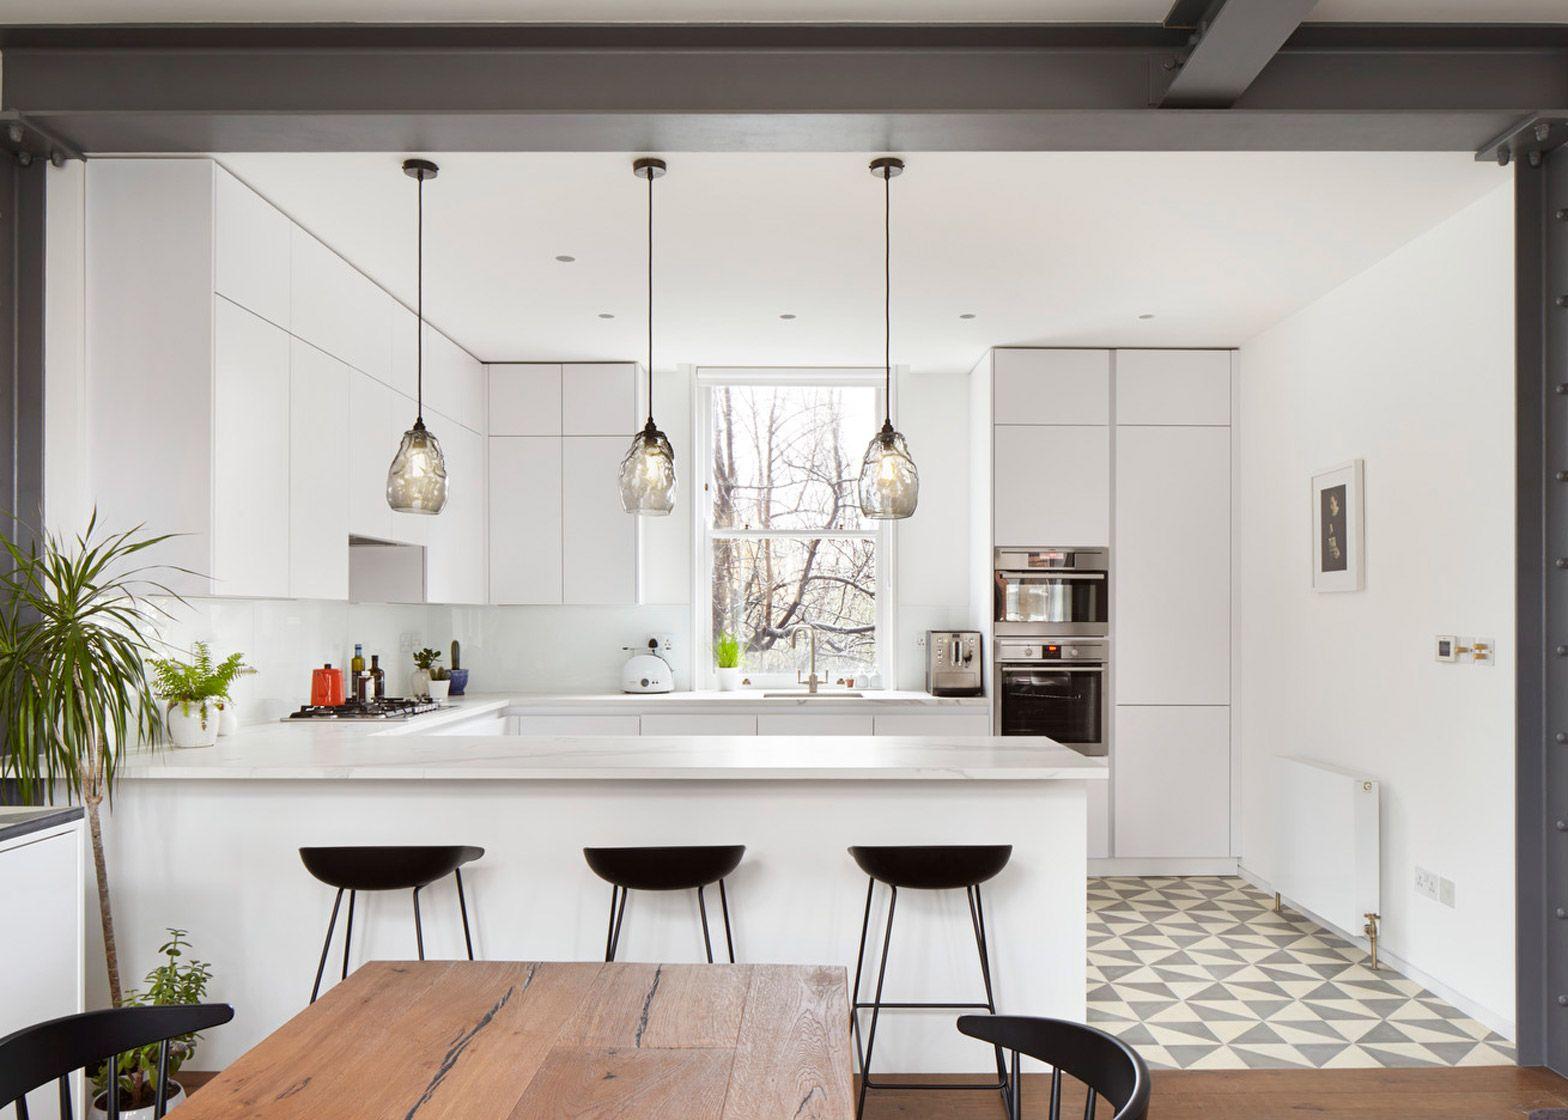 cocina diafana - Una casa del siglo XIX muy funcional | cocinas ...